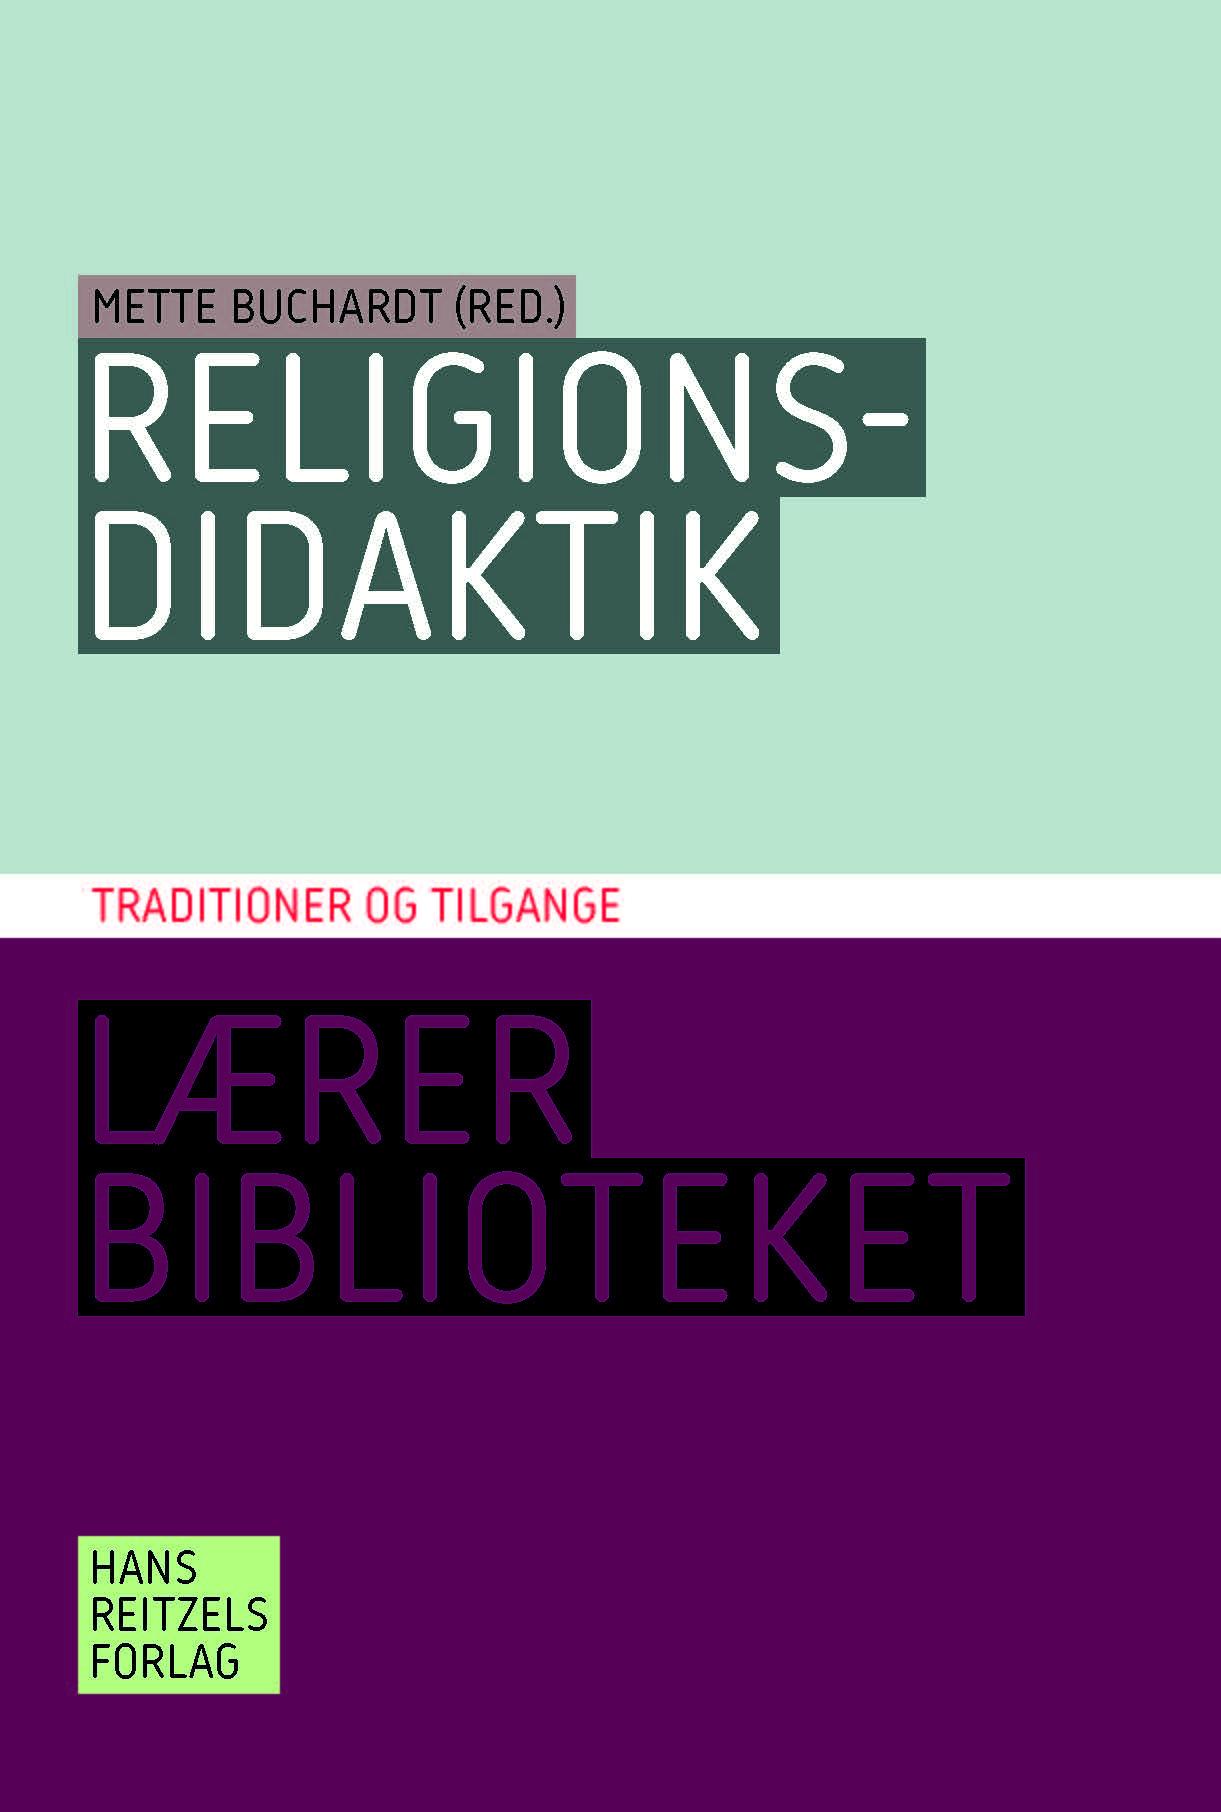 Religionsdidaktik. Traditioner og tilgange